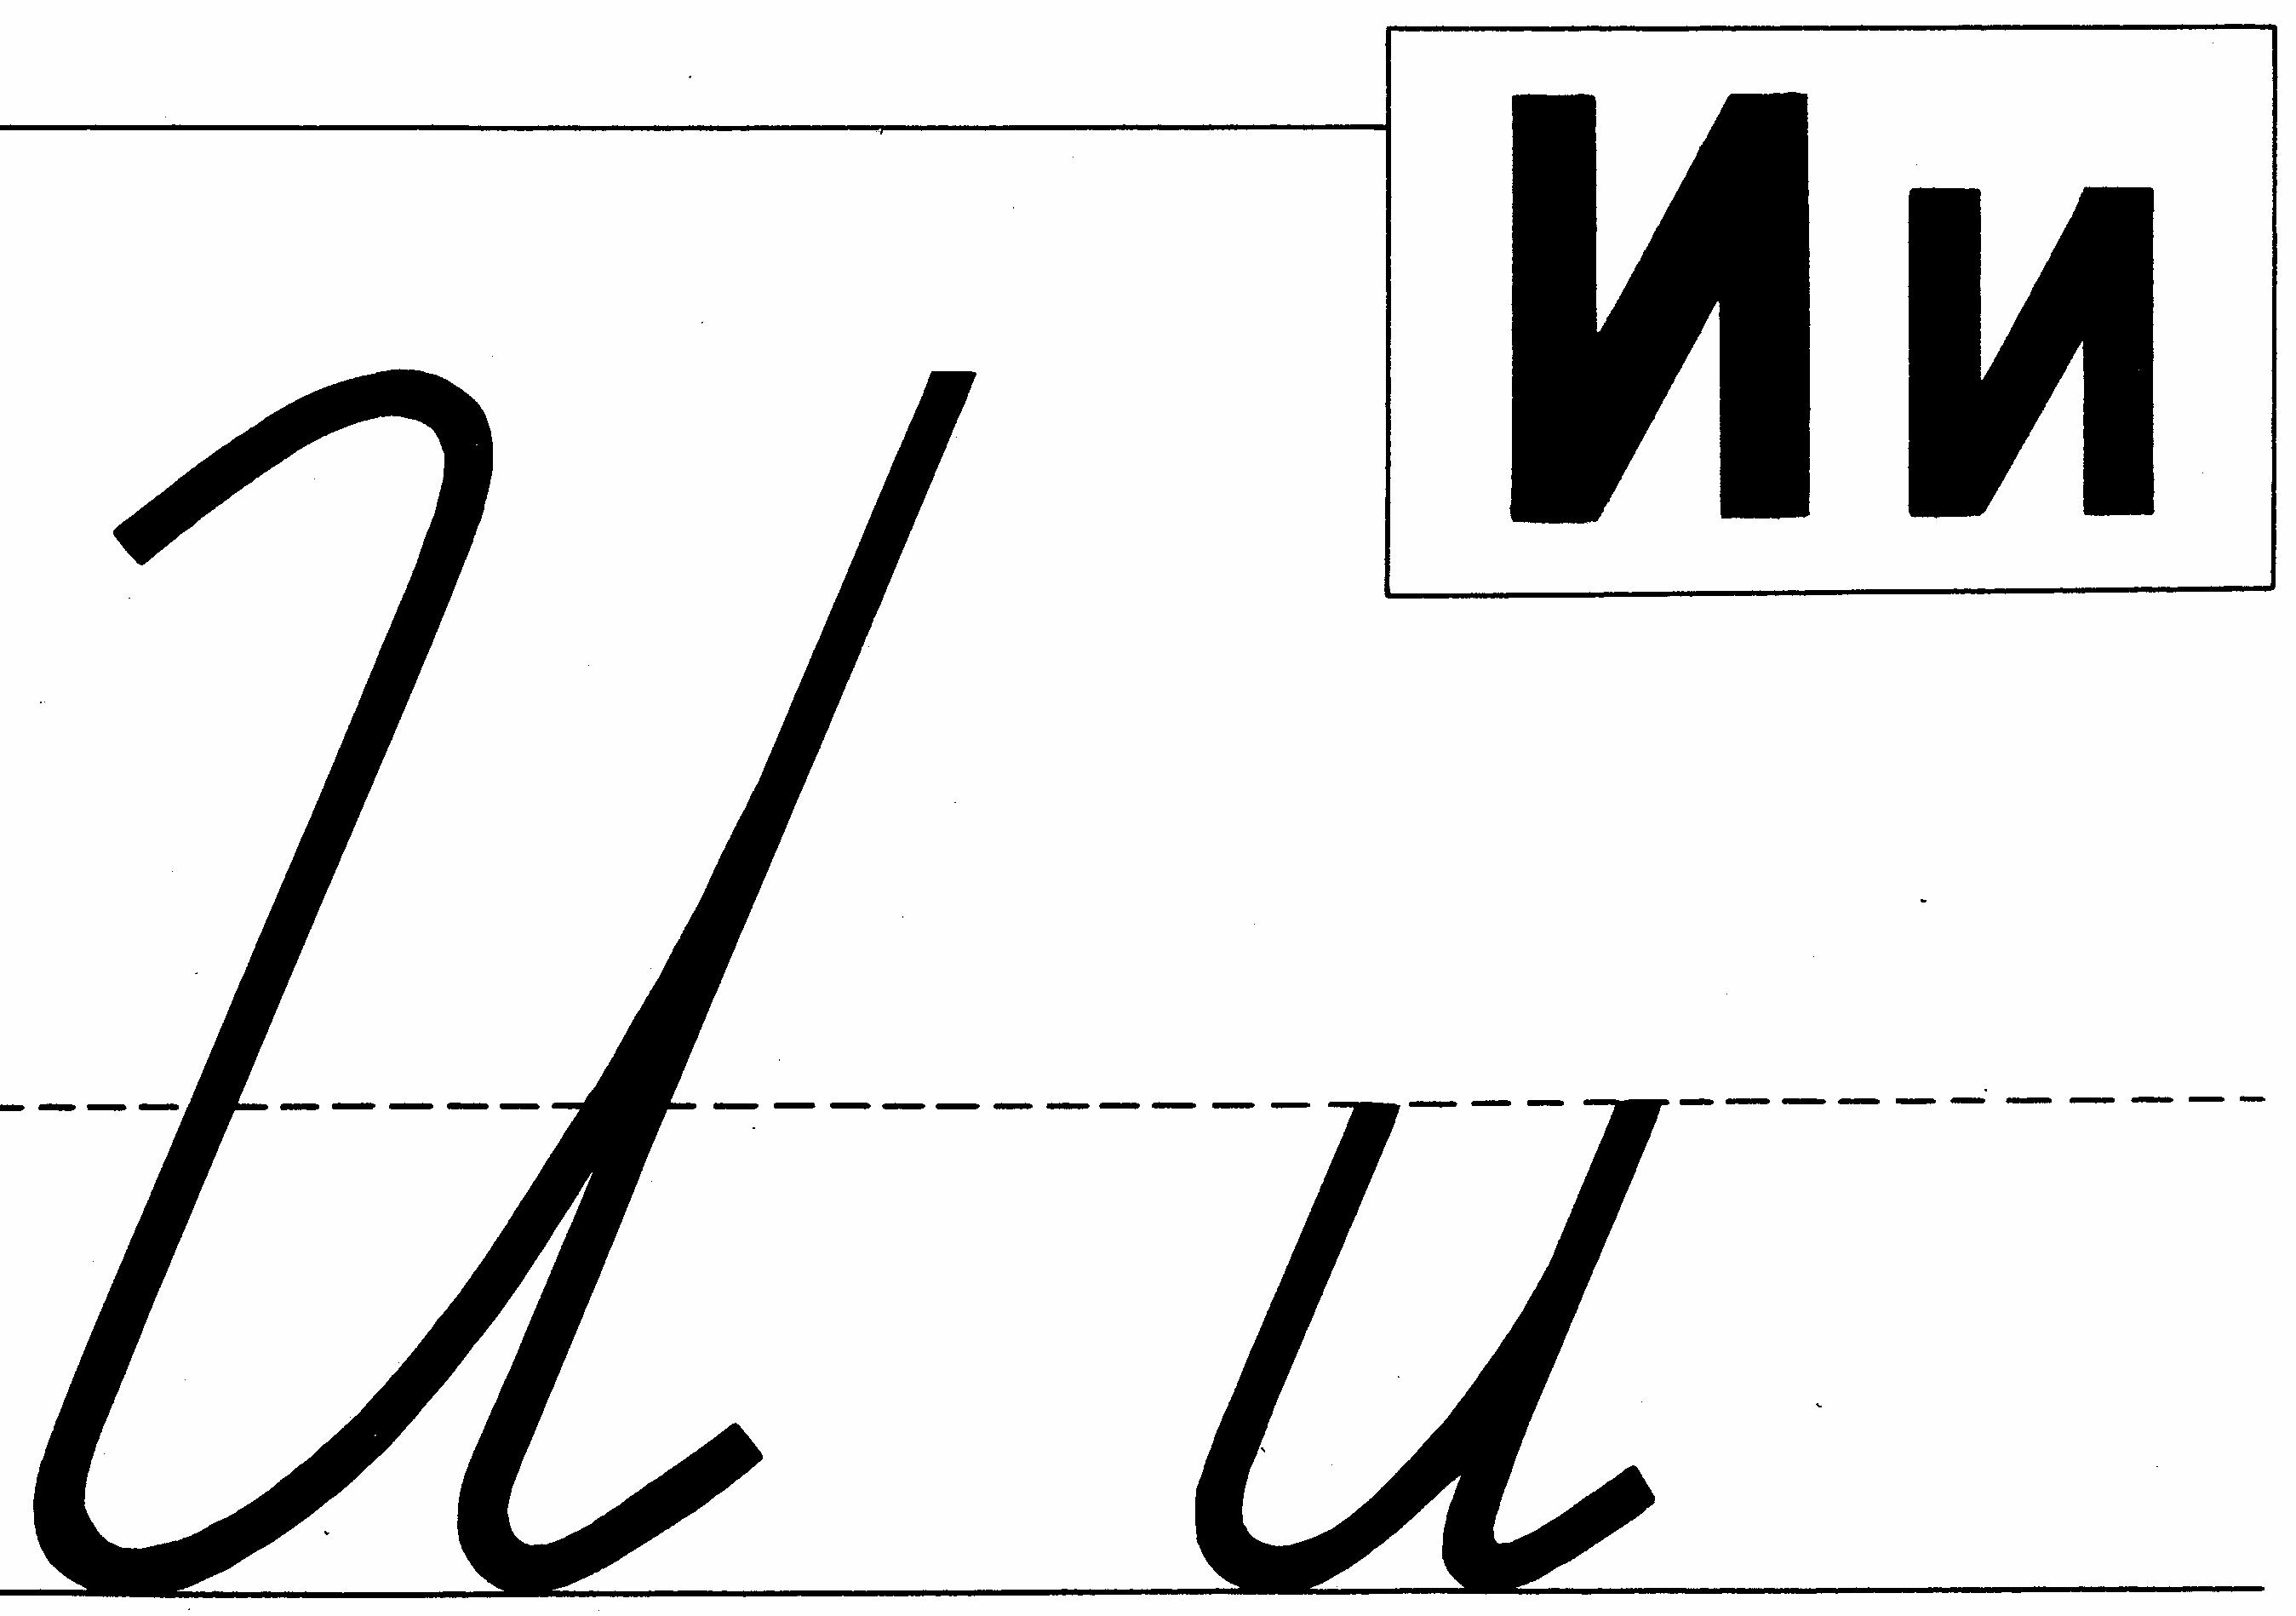 Русский алфавит с нумерацией, буквы русского алфавита